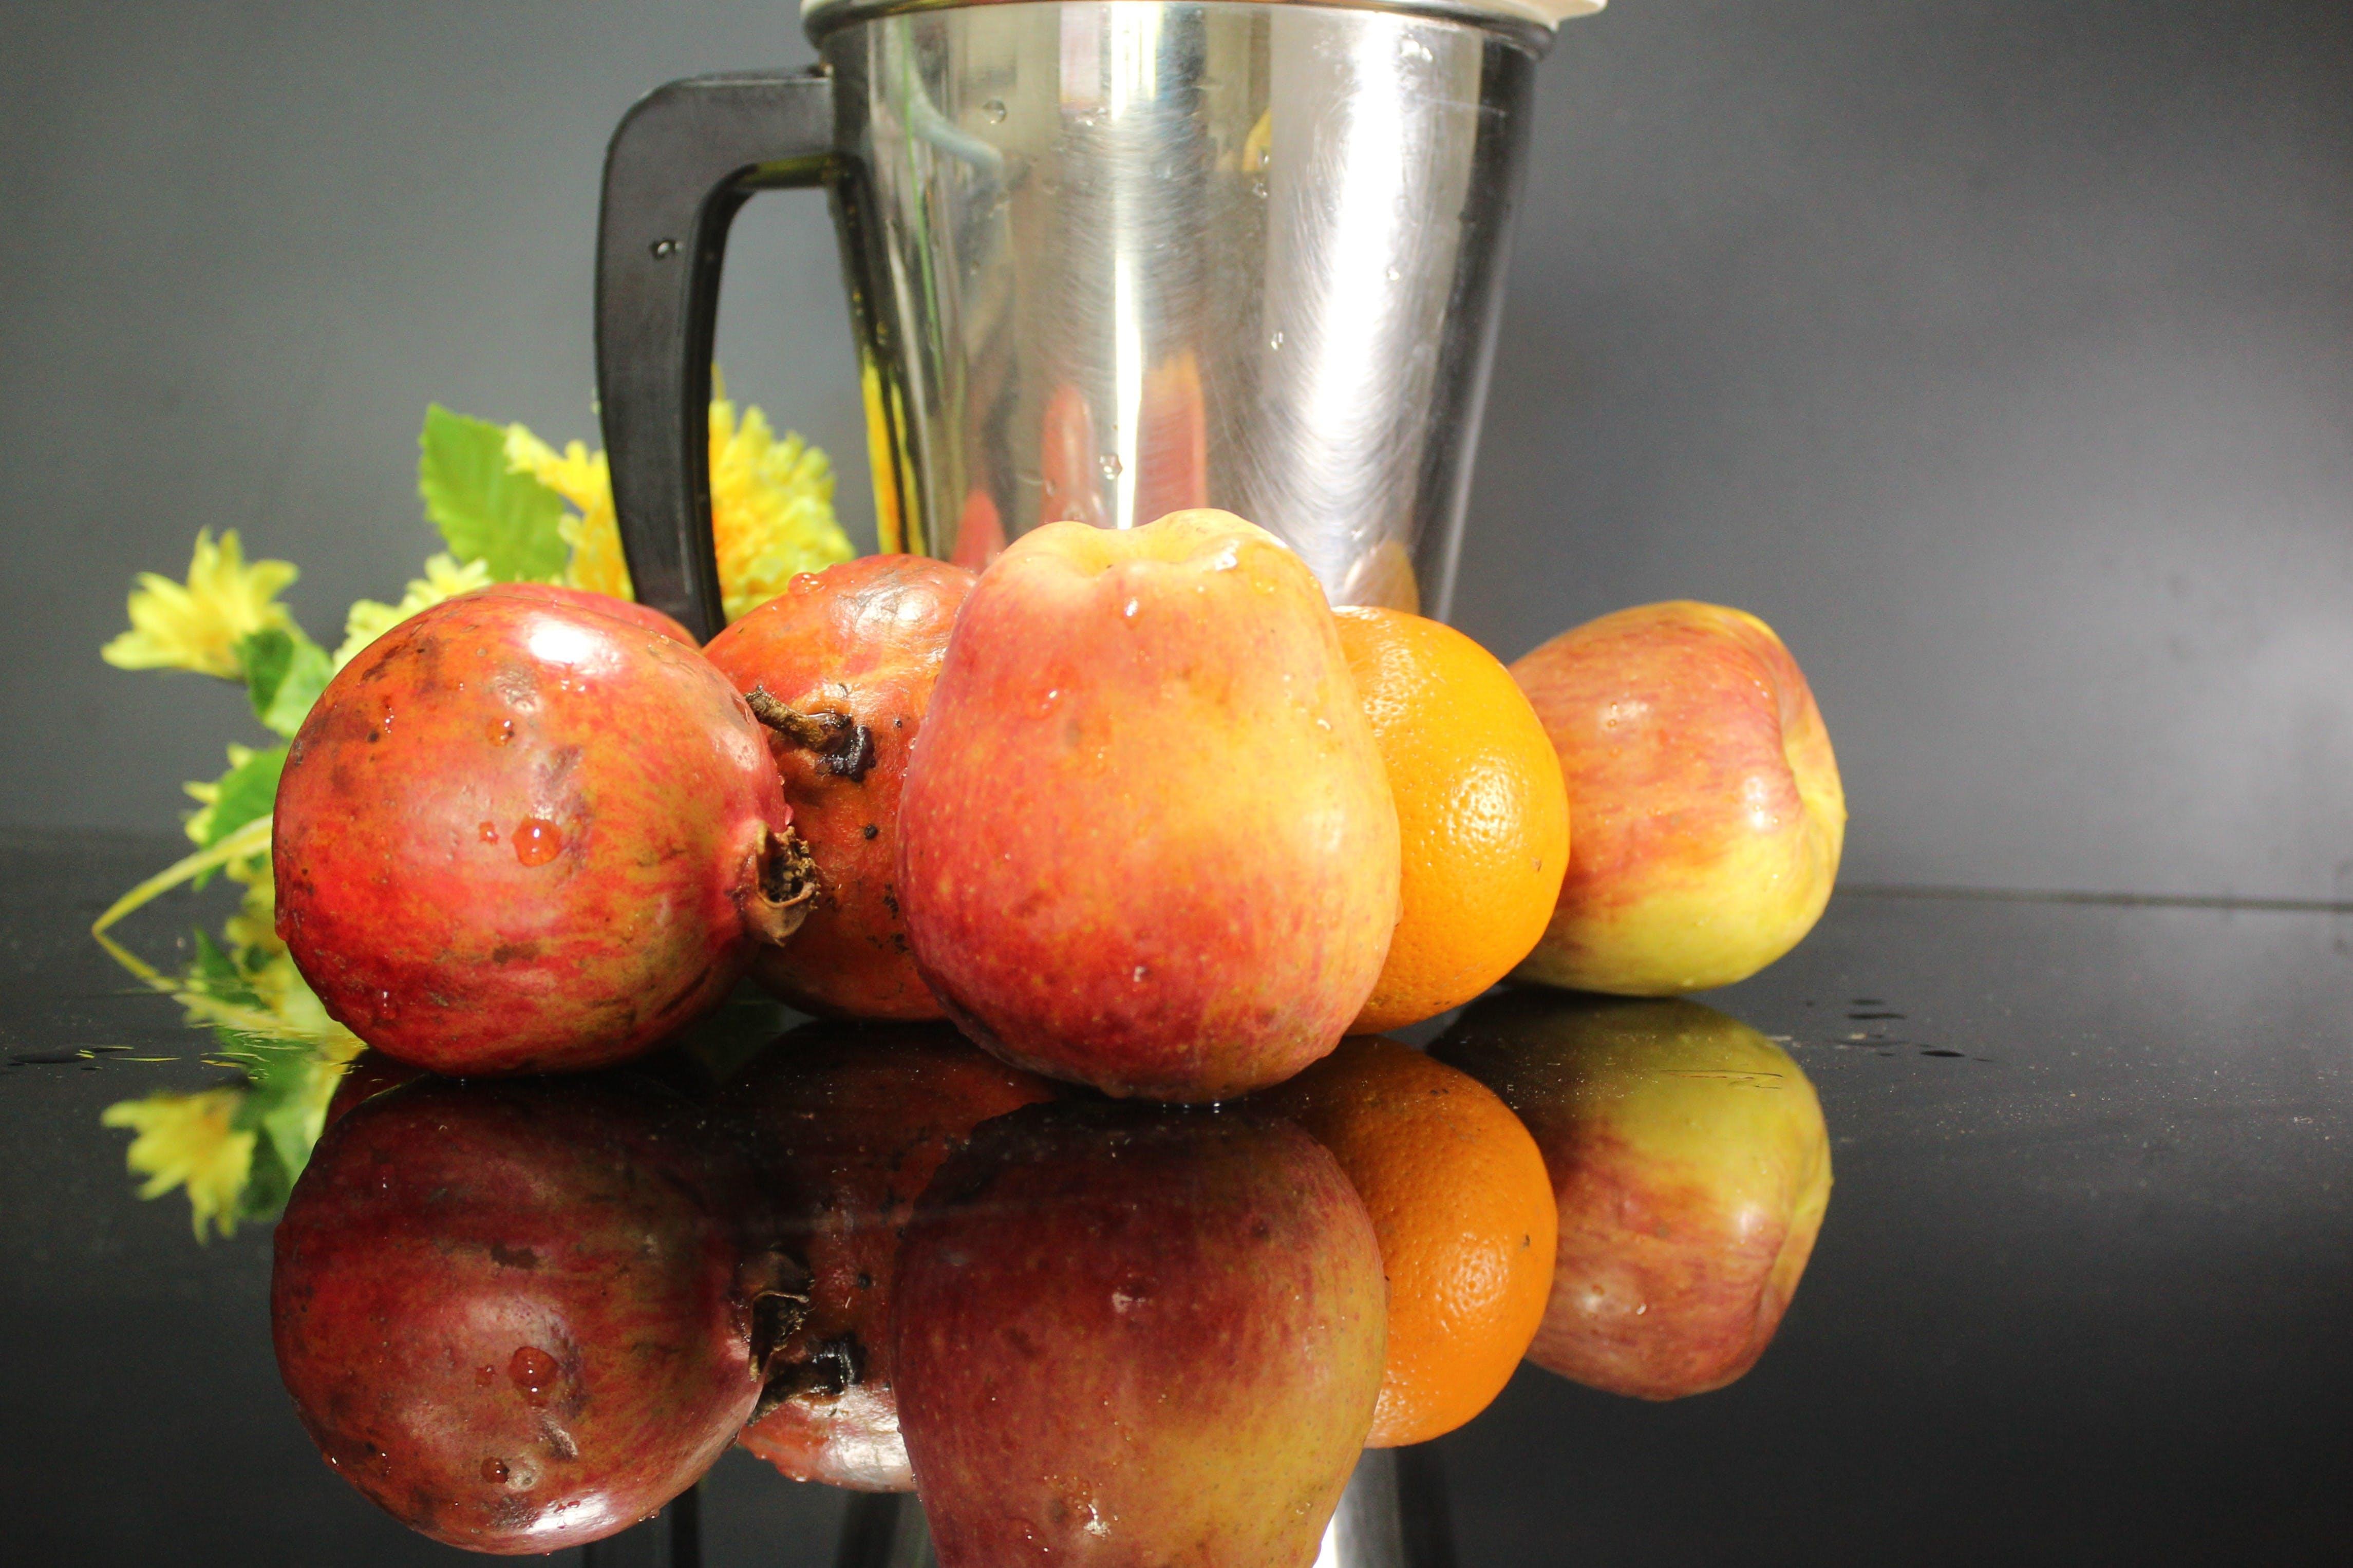 Kostenloses Stock Foto zu frische früchte, früchte, früchte im glastisch, früchtekorb